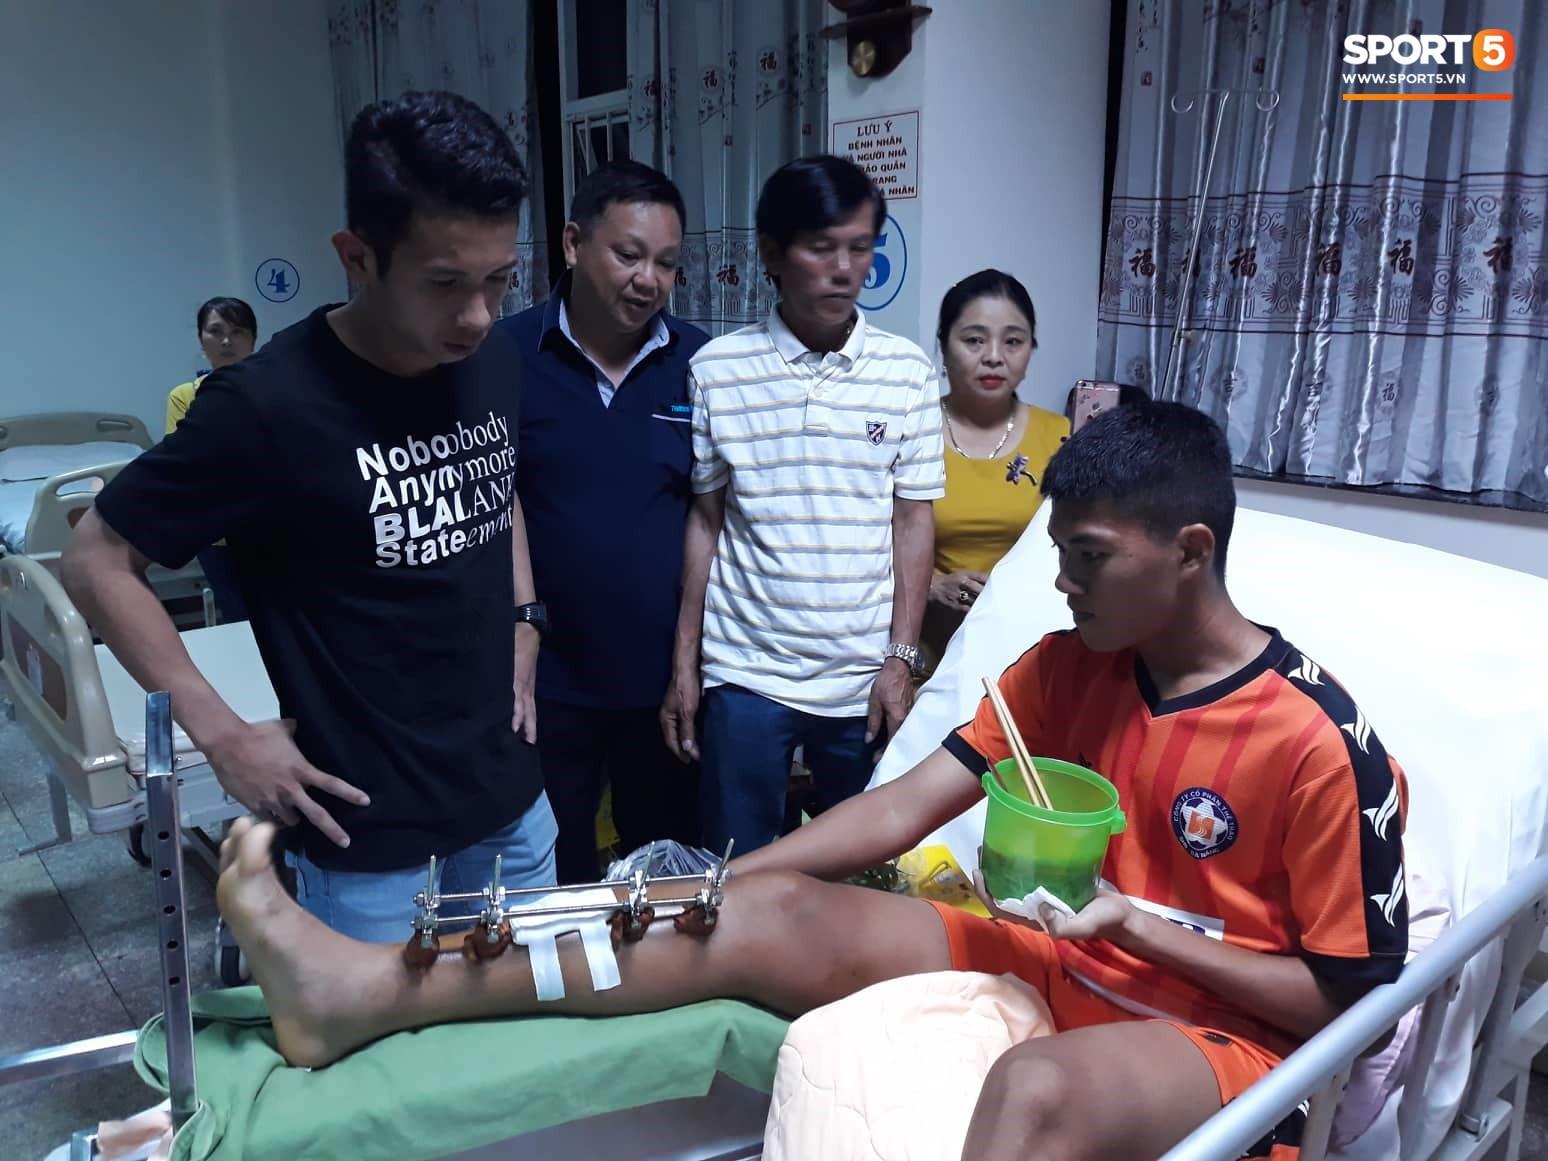 Duy Pinky và nghĩa cử cao đẹp dành cho cầu thủ bị gãy chân của U19 Đà Nẵng - Ảnh 1.